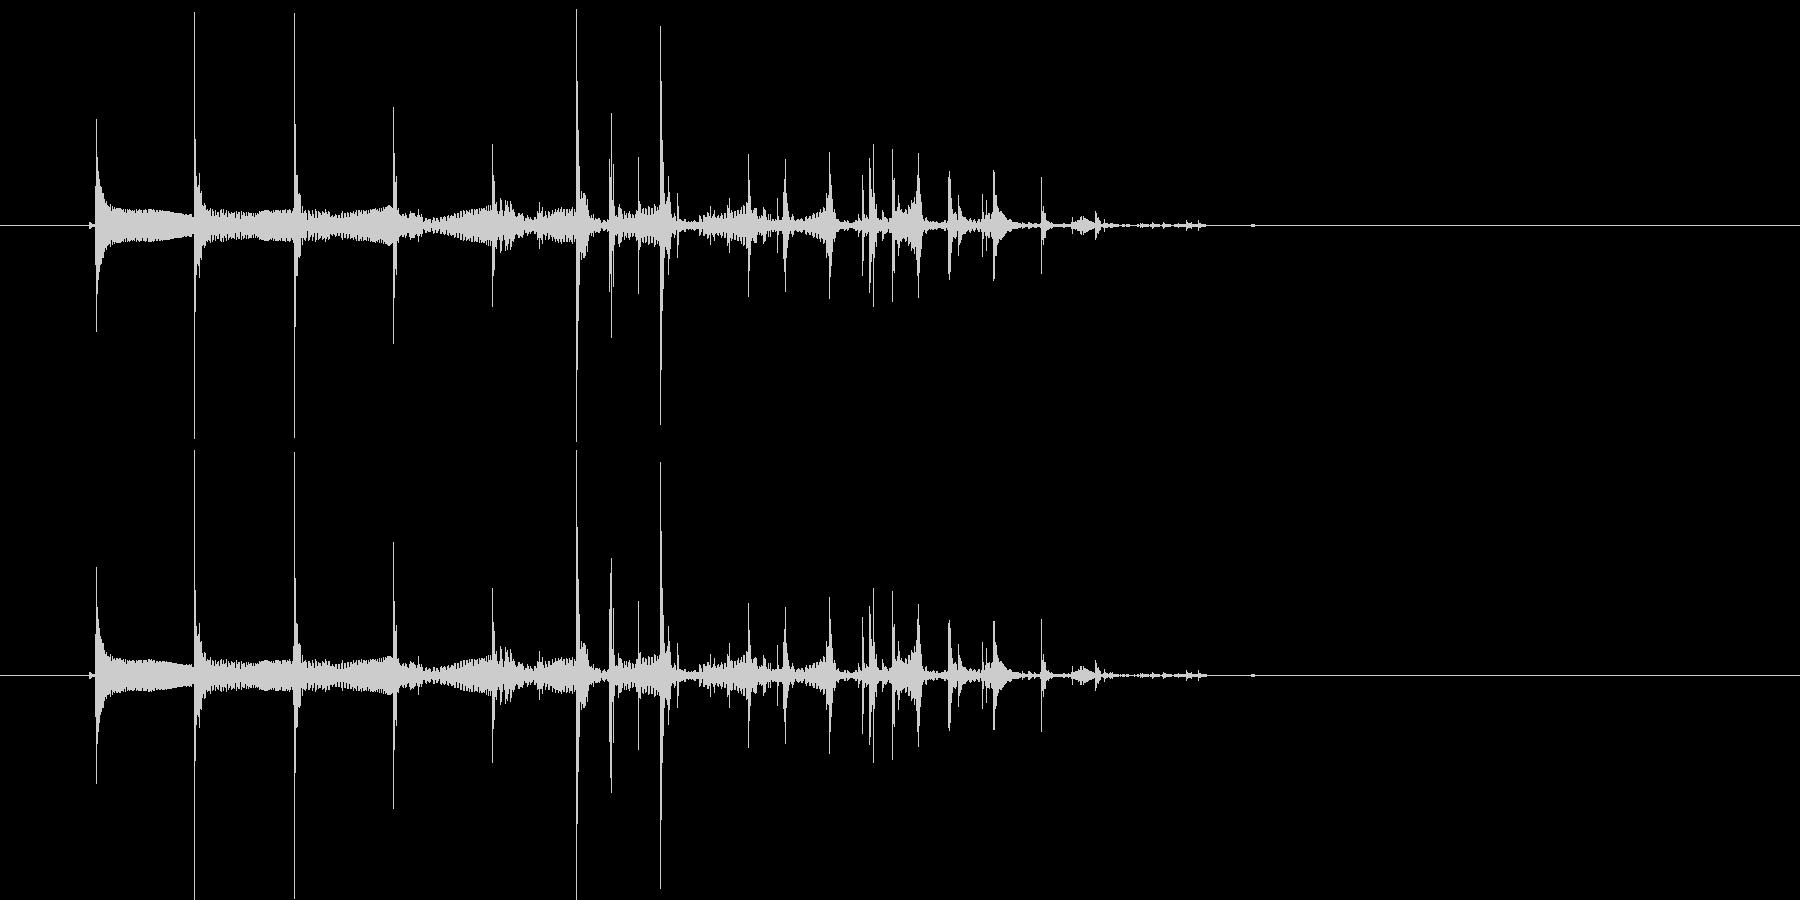 トクトクトク・・(お酒、ビール、注ぐ音)の未再生の波形